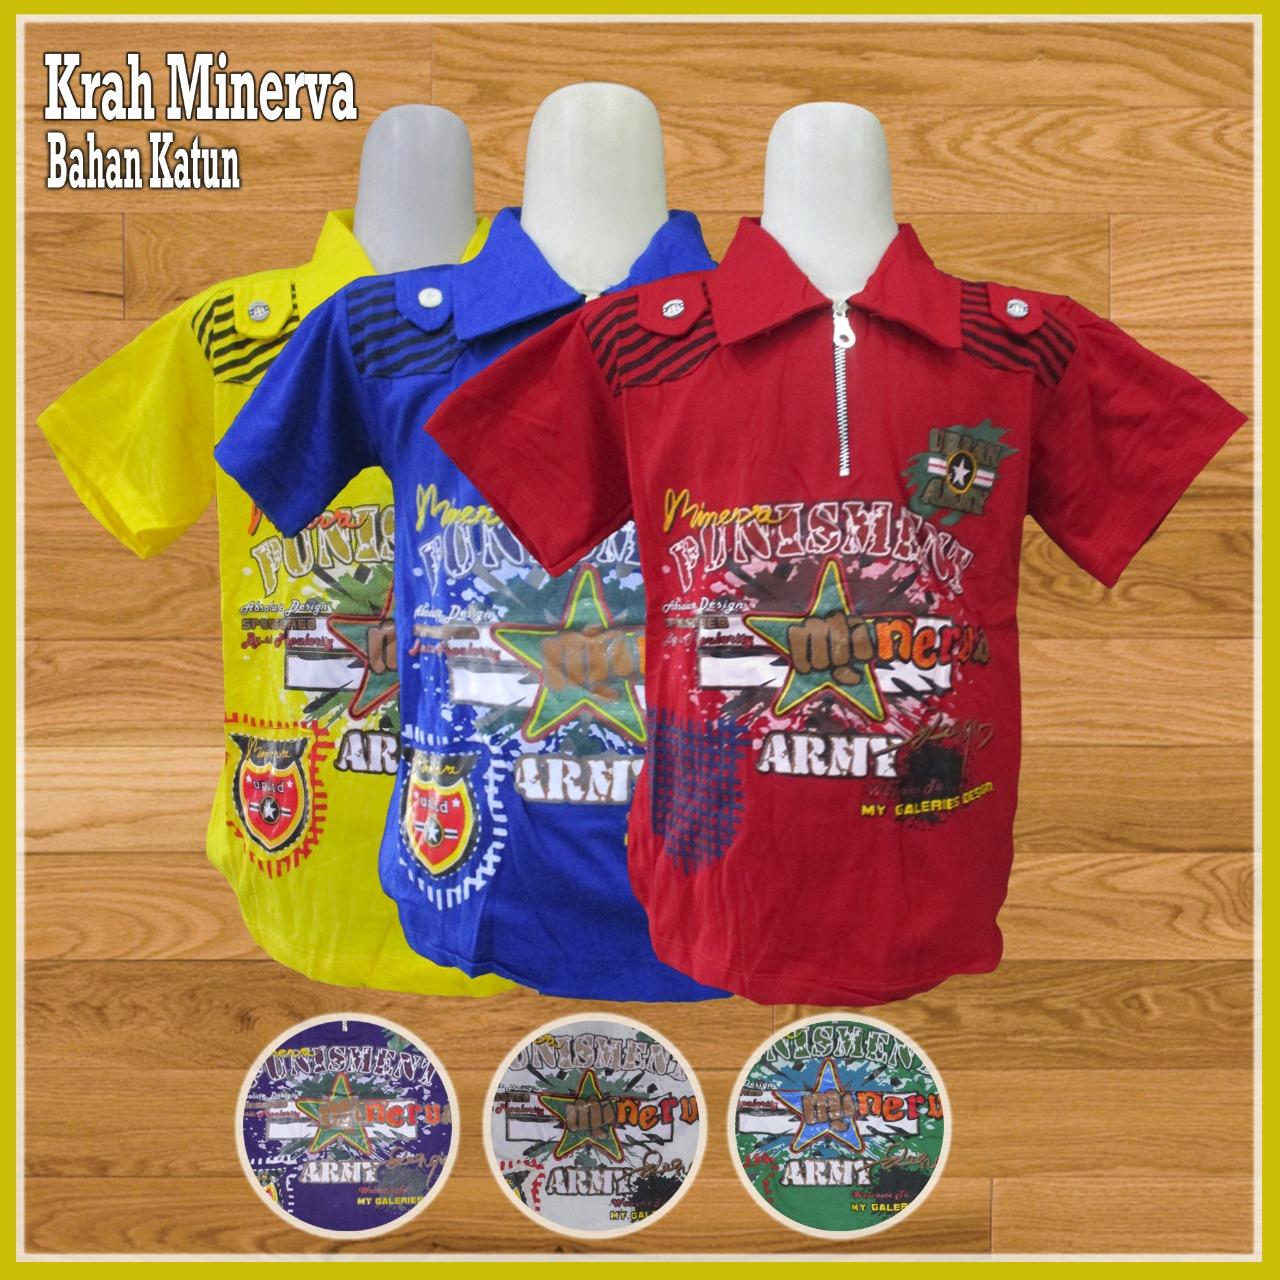 ObralanBaju.com Obral Baju Pakaian Murah Meriah 5000 Krah Minerva